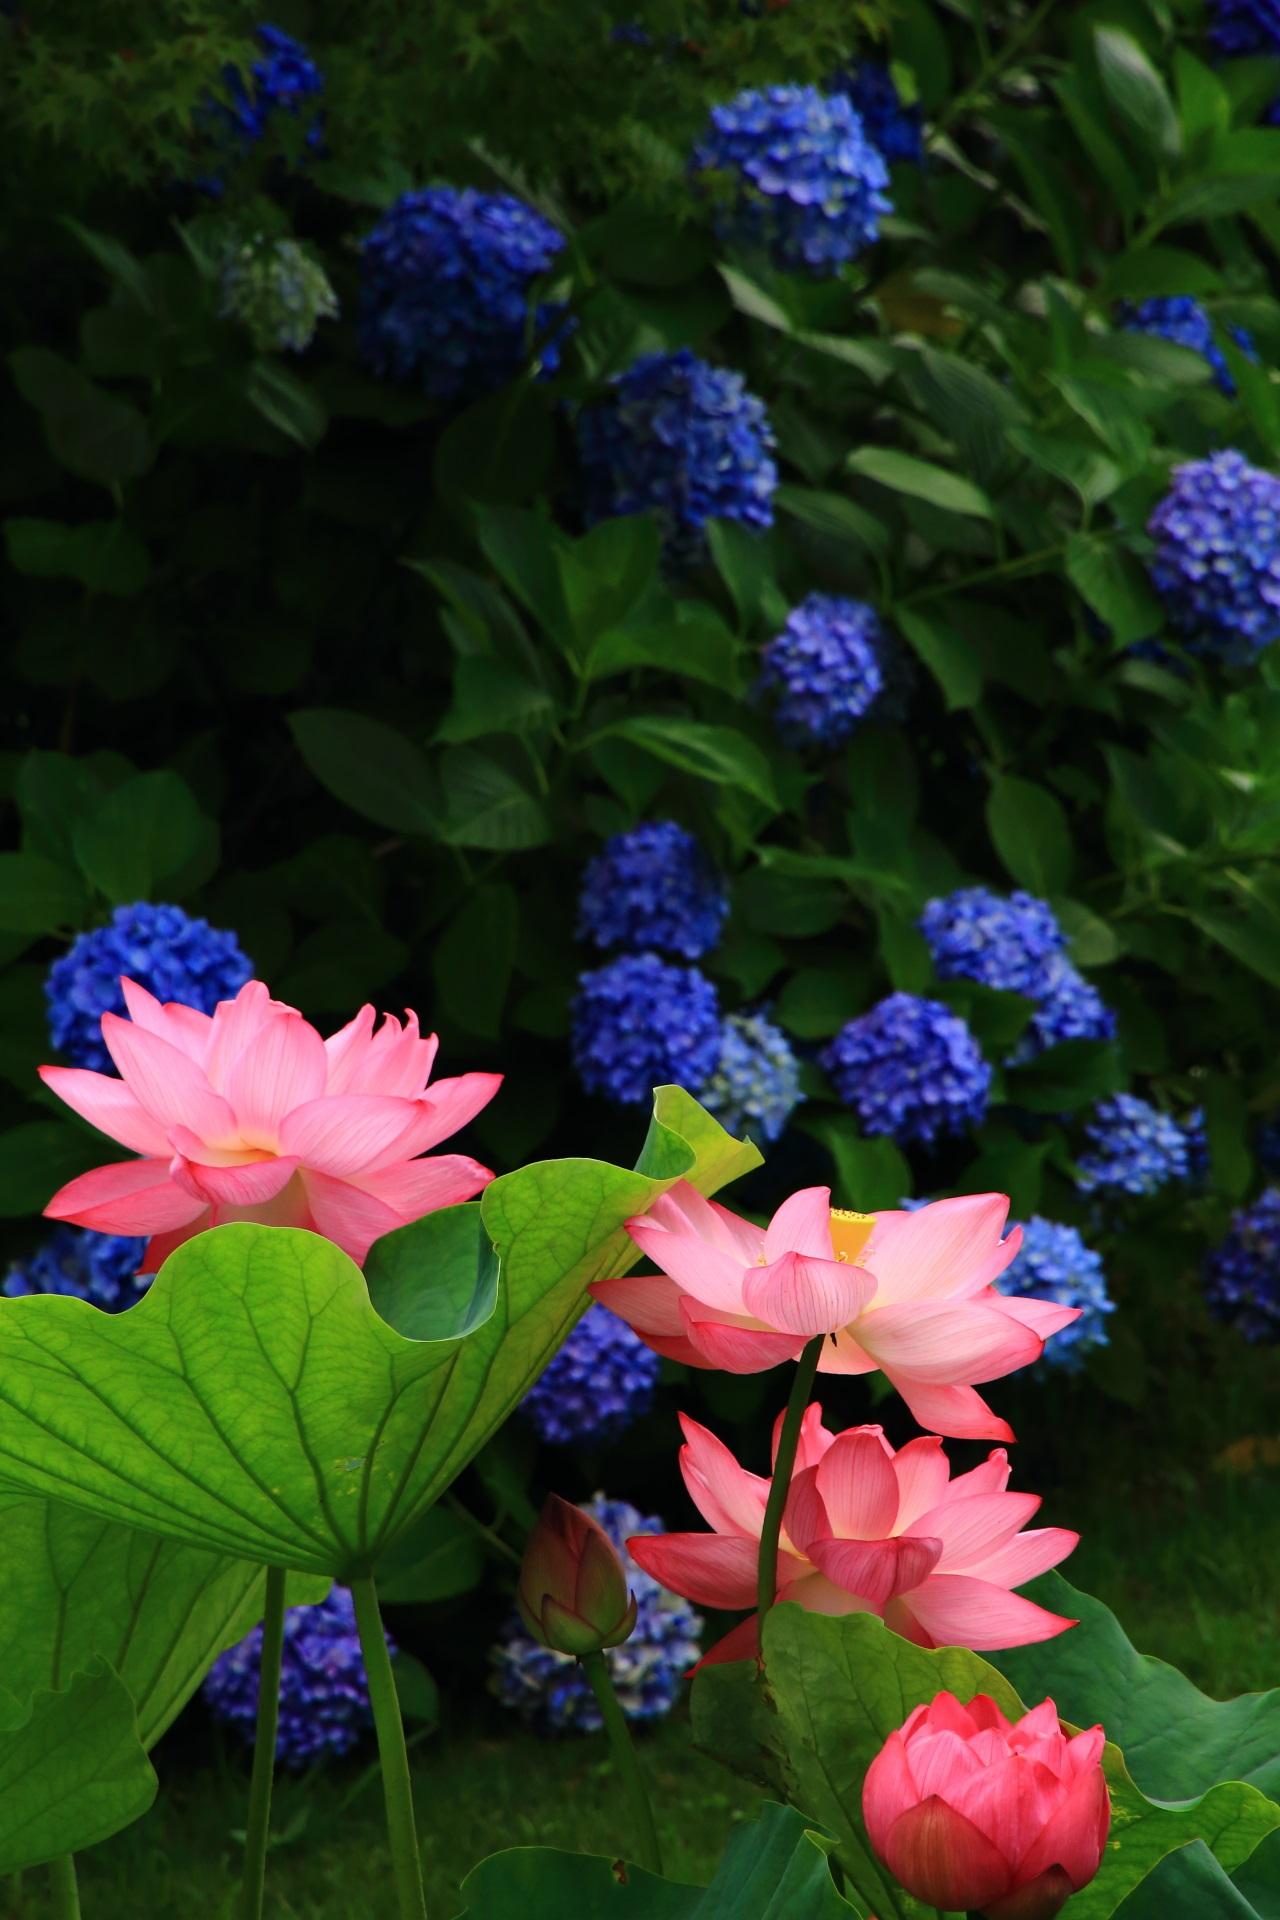 東寺の素晴らしすぎる蓮と紫陽花と初夏の情景